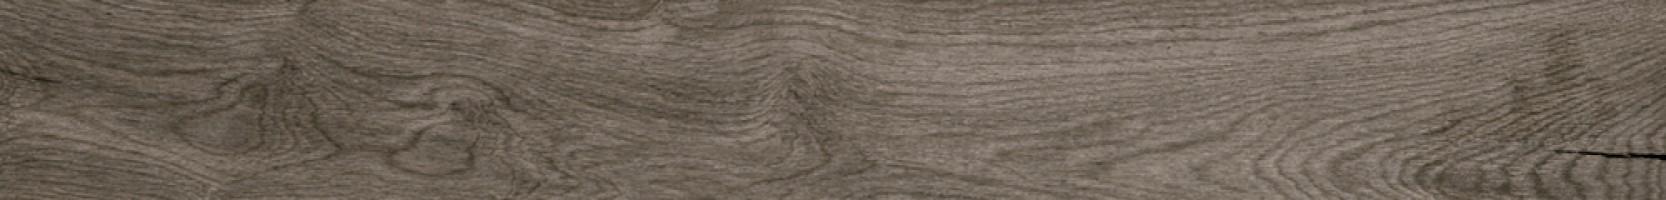 Керамогранит Bricola Chocolate 19.4x120 Geotiles